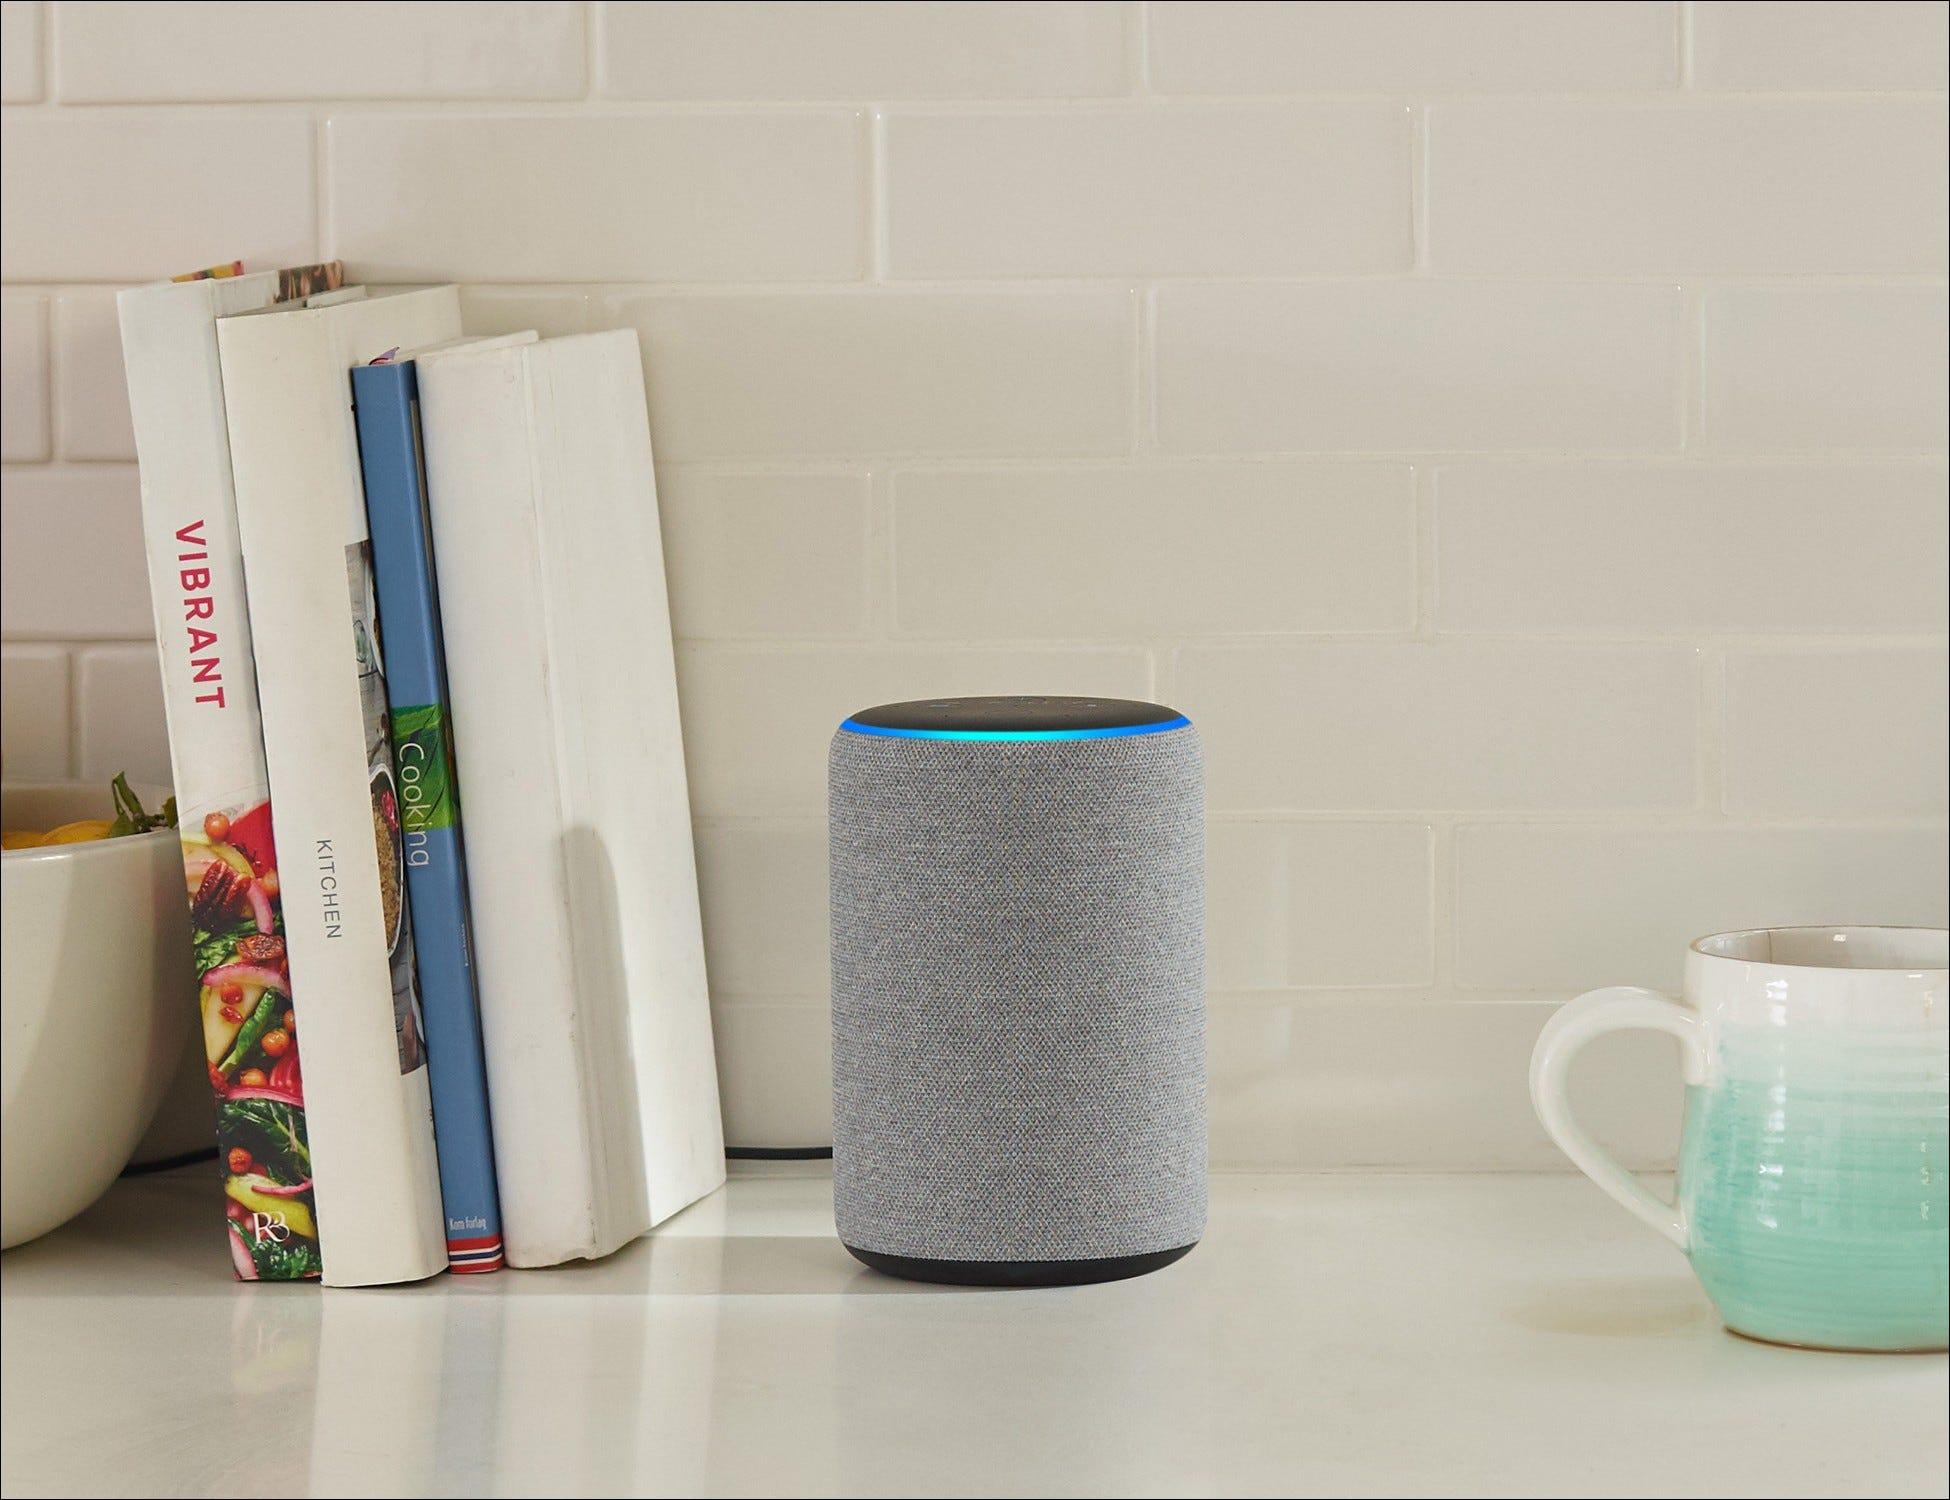 Echo Plus no balcão com livros e uma caneca de café